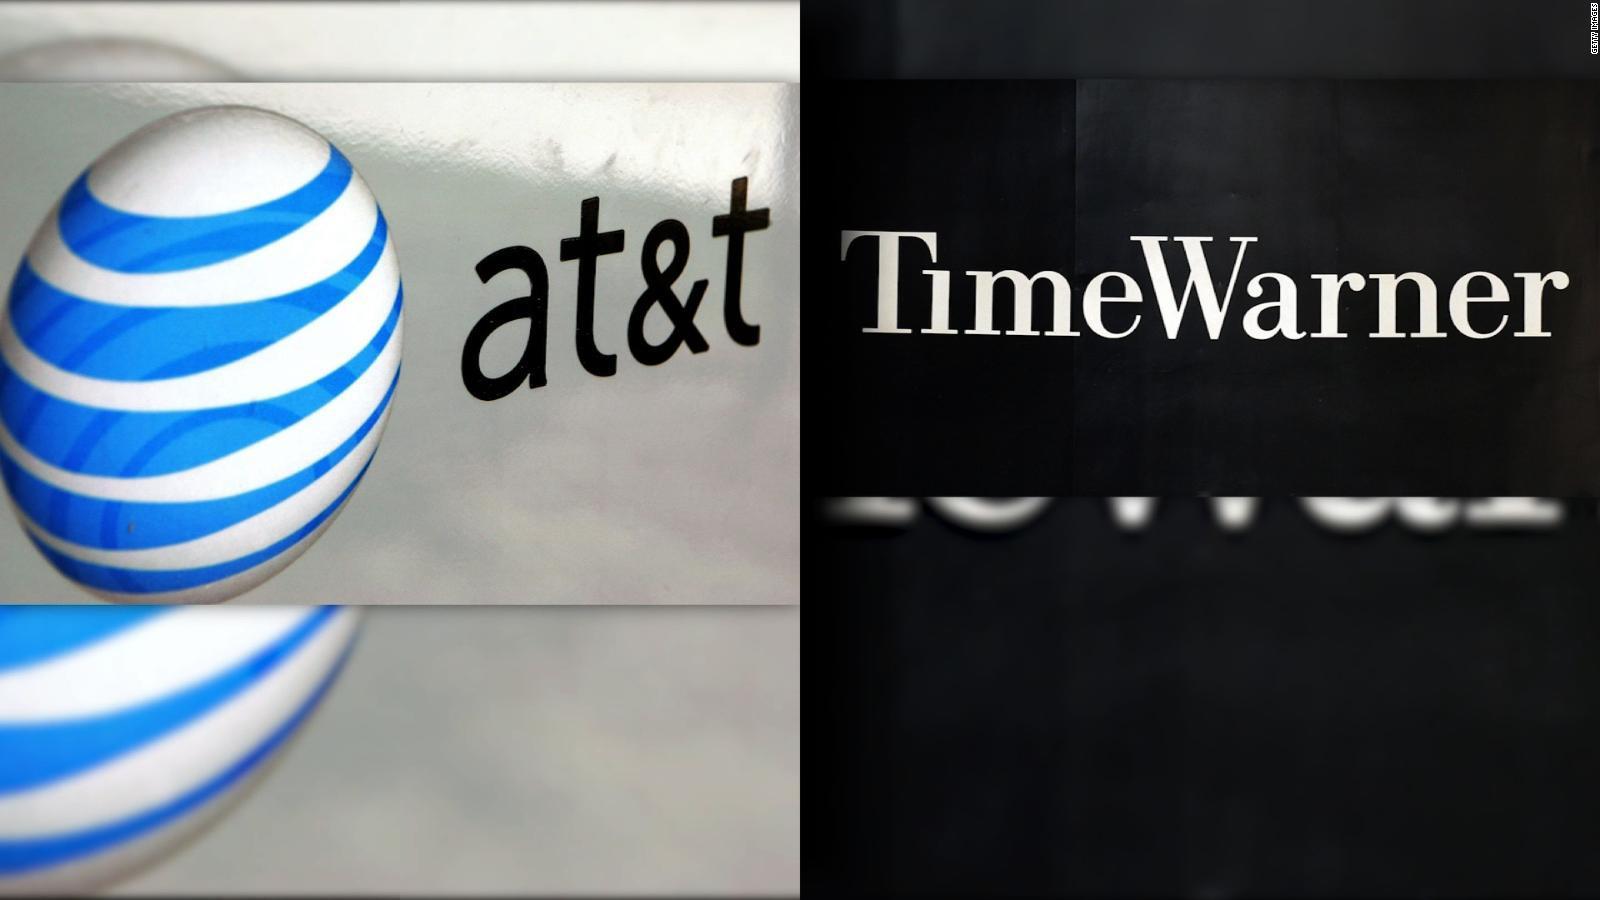 ¿Qué debemos analizar de la fusión entre AT&T y Time Warner? https://t.co/0qFLWOEftQ https://t.co/x8o27ZdZ8D